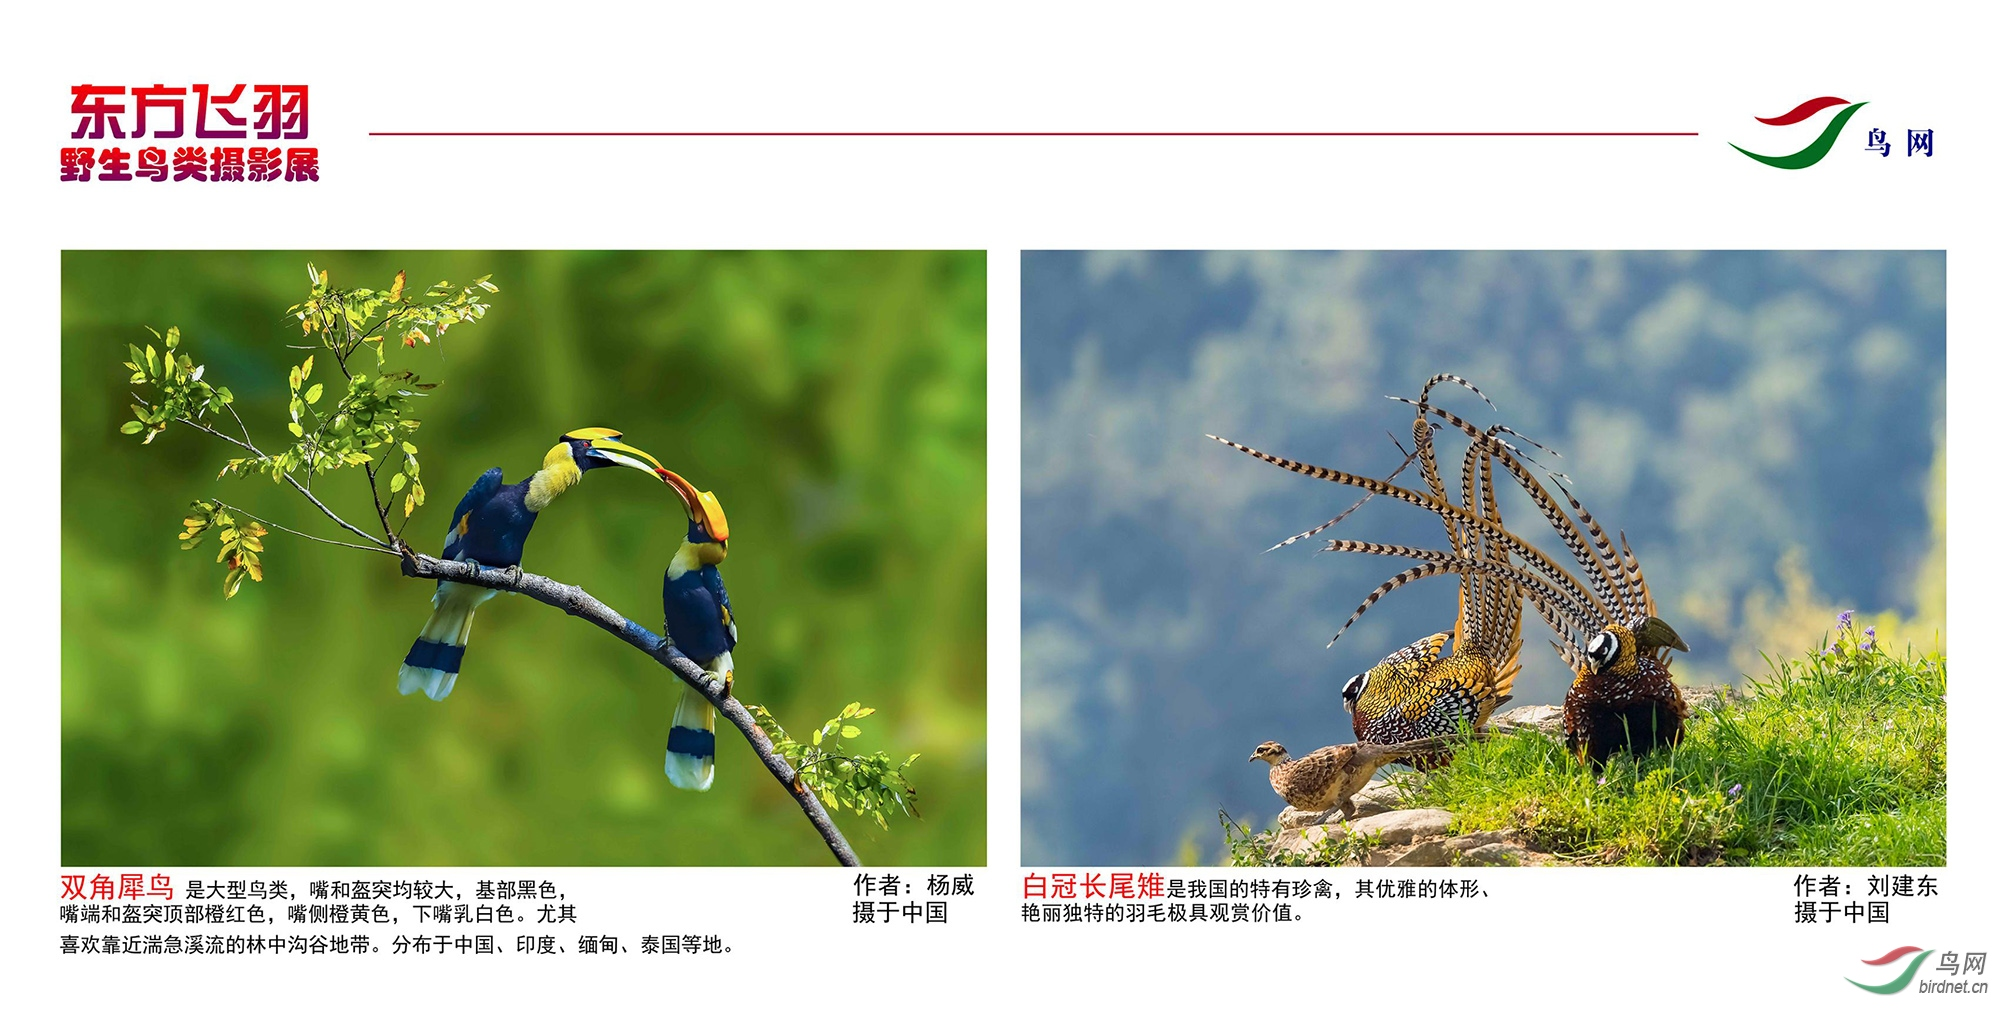 1_东方明珠摄影展照片_29.jpg